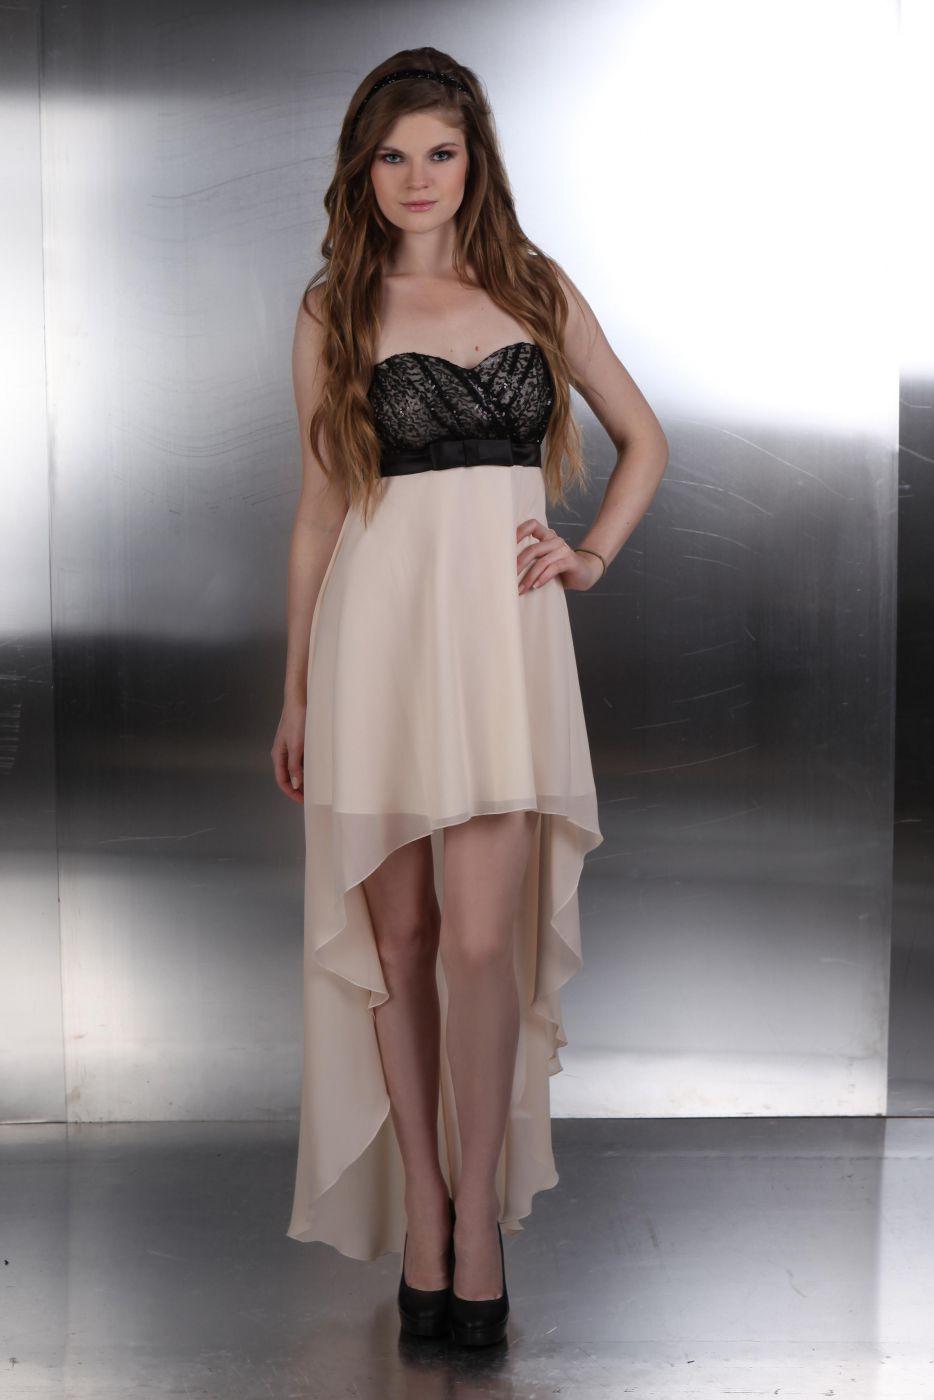 13 Elegant Abendkleider Villach ÄrmelAbend Einfach Abendkleider Villach Vertrieb